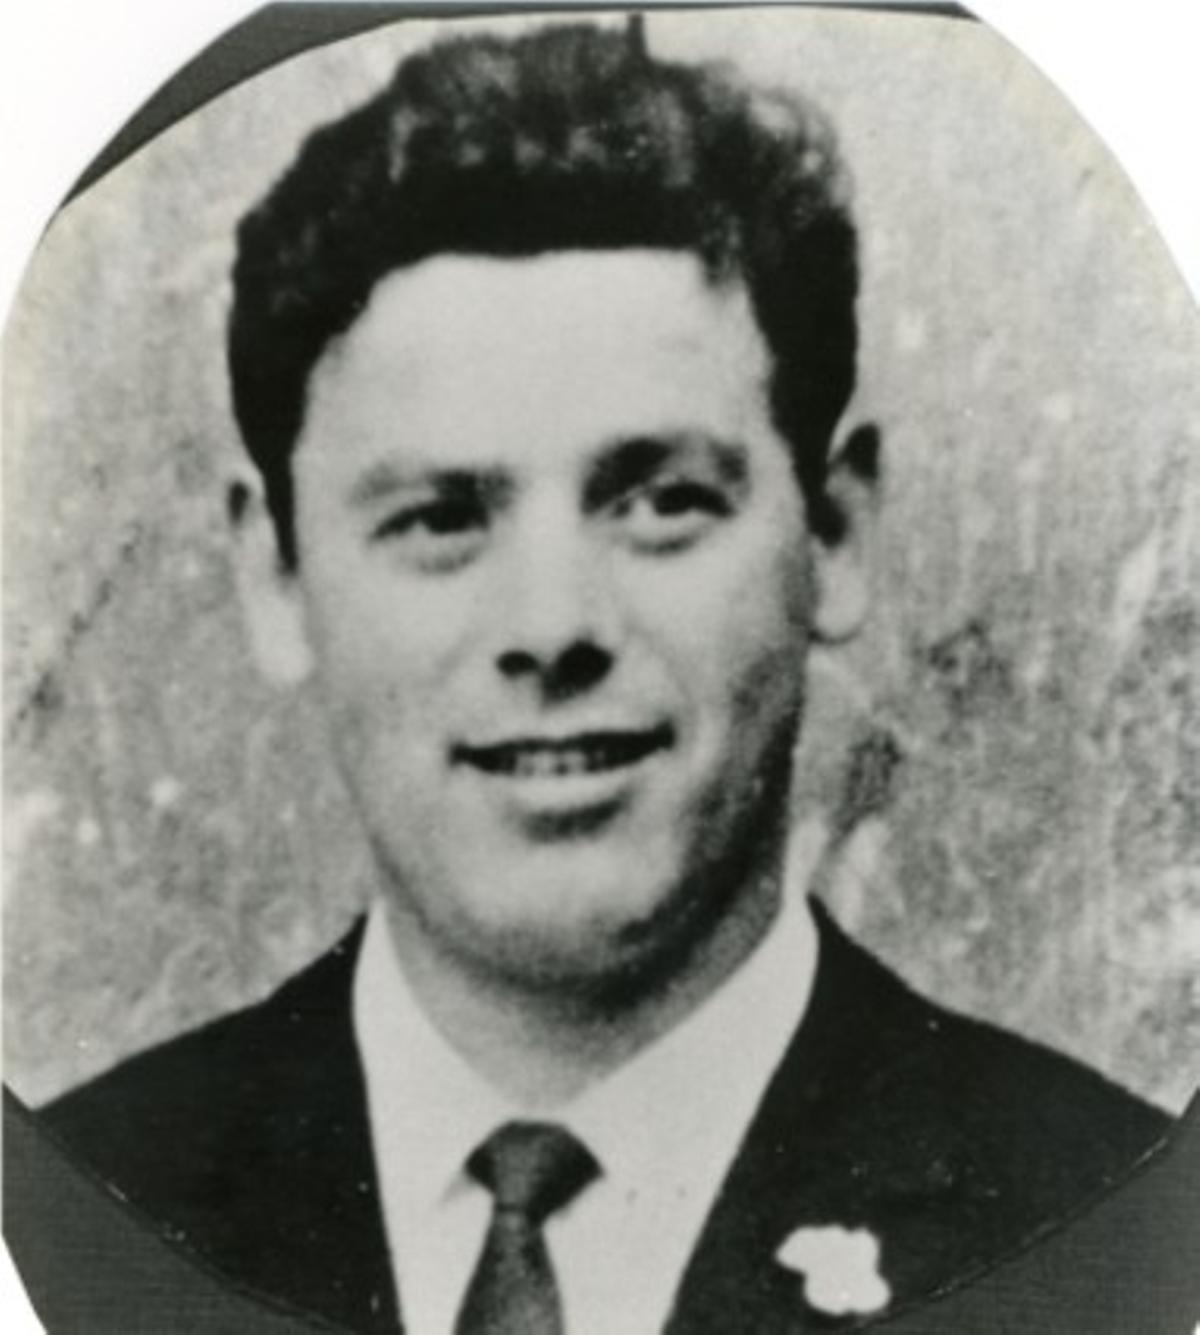 Manuel Fernández Márquez, asesinado en la térmica del Besòs por la Guardia Civil el 3 de abril de 1973.